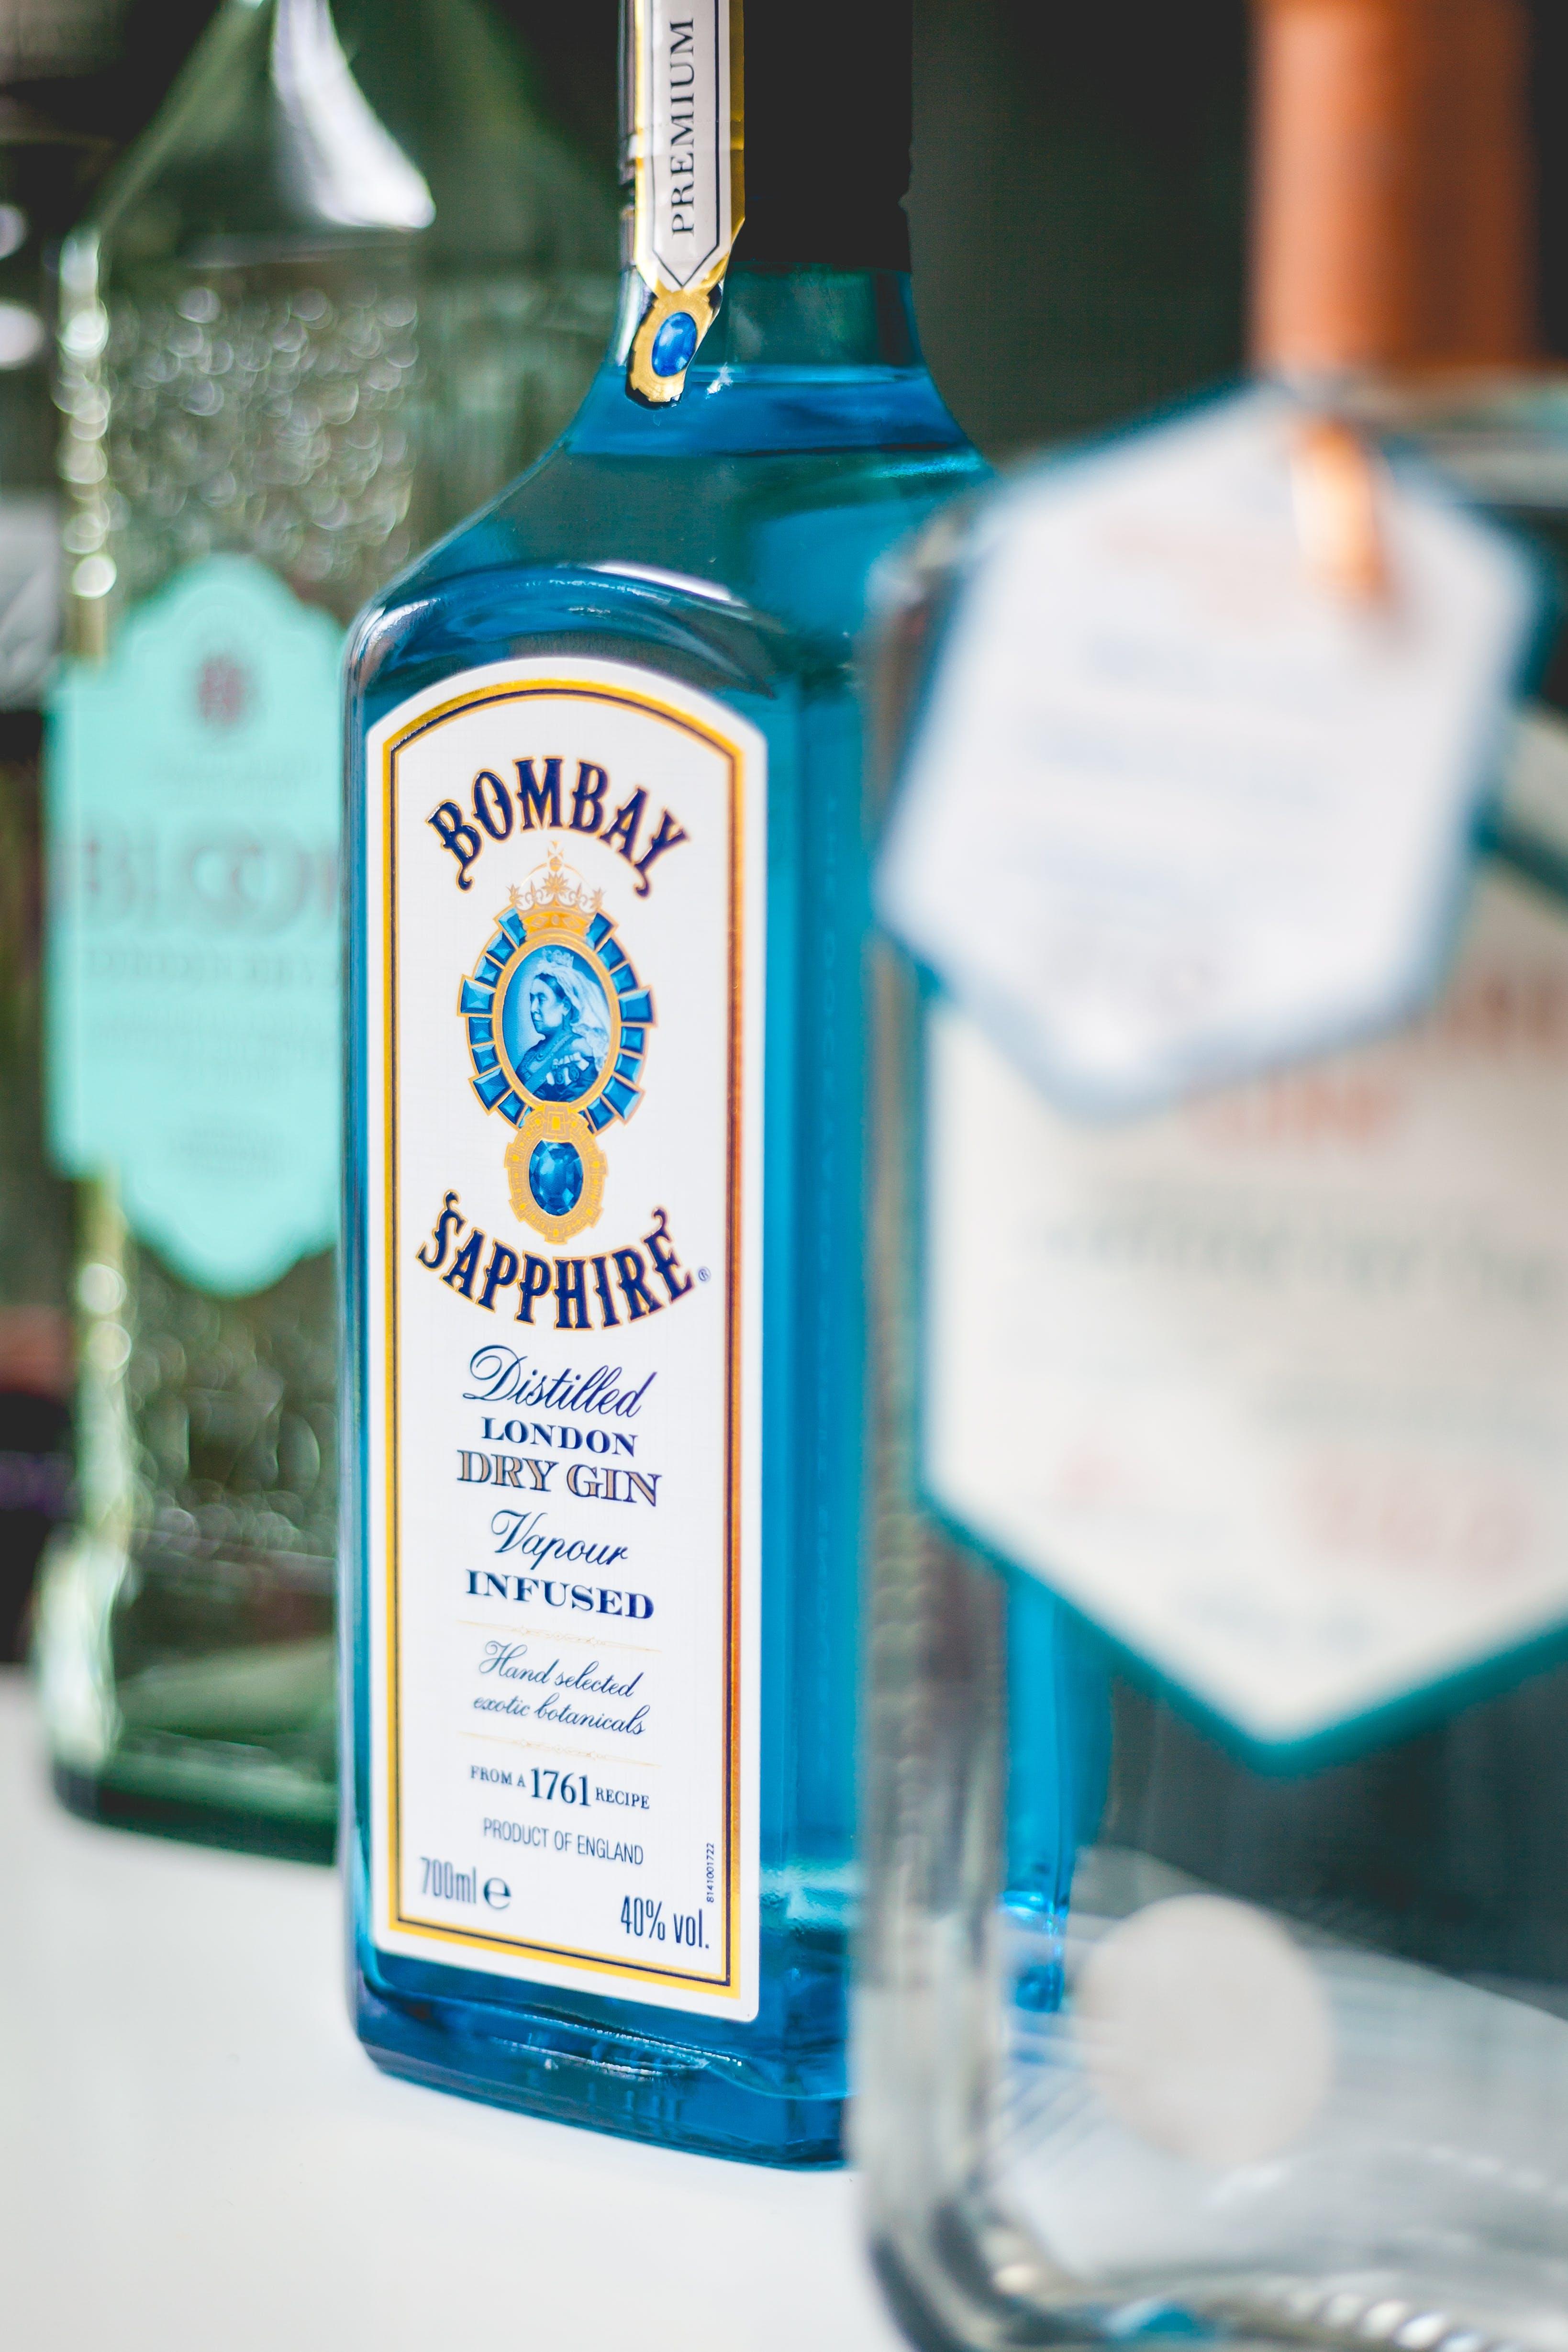 Fotos de stock gratuitas de alcohol, beber, botellas, color